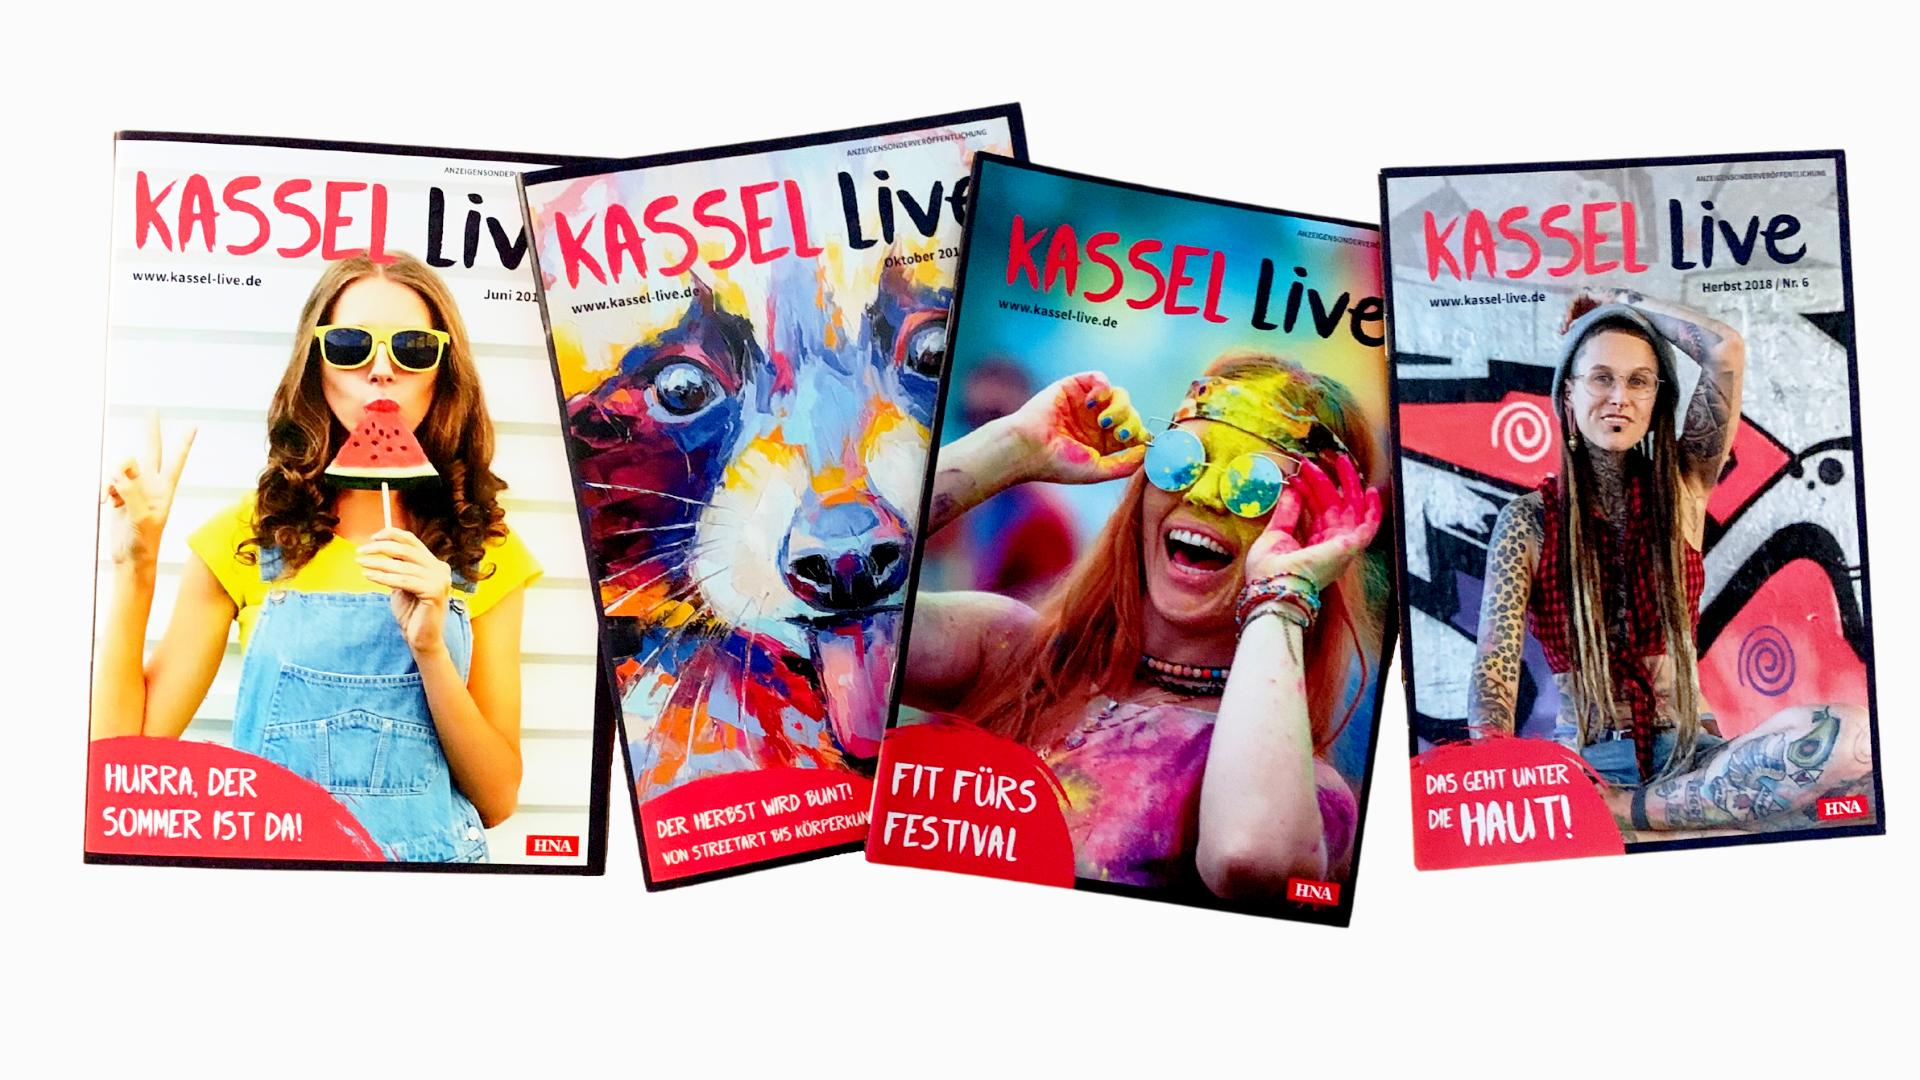 Kassel live 2